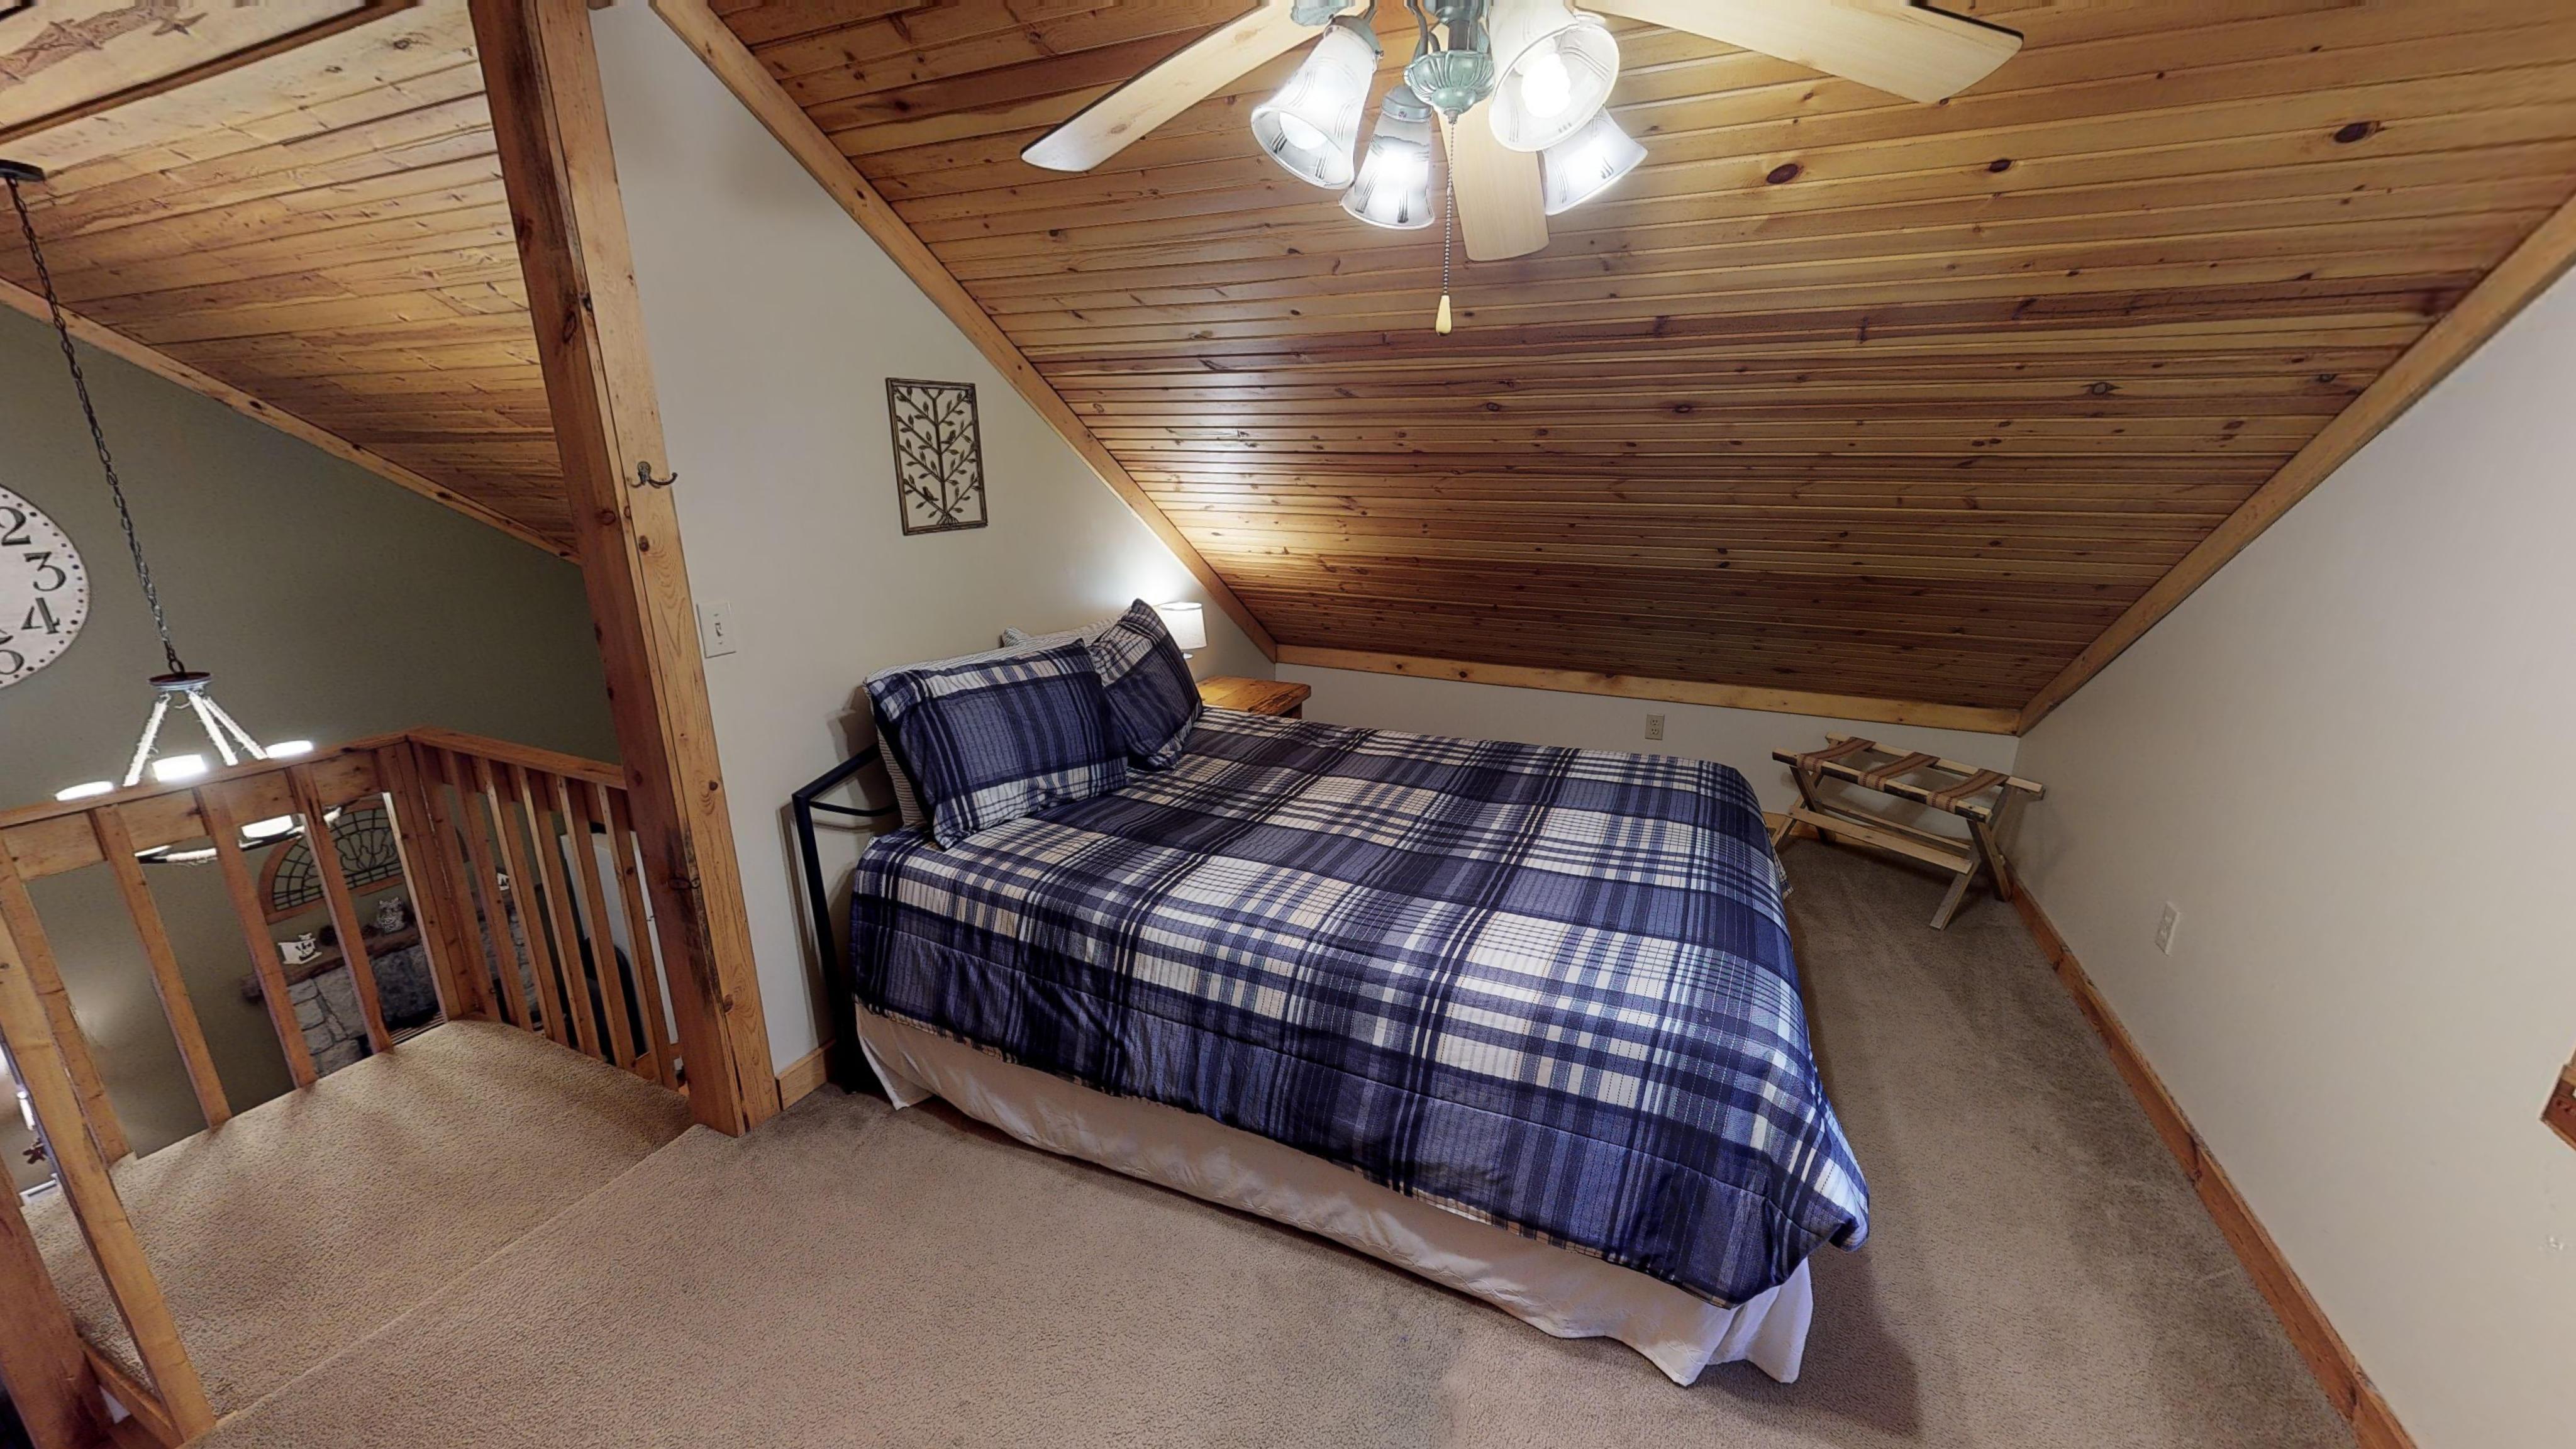 Photo 619_10260.jpg -  Queen size bed in loft